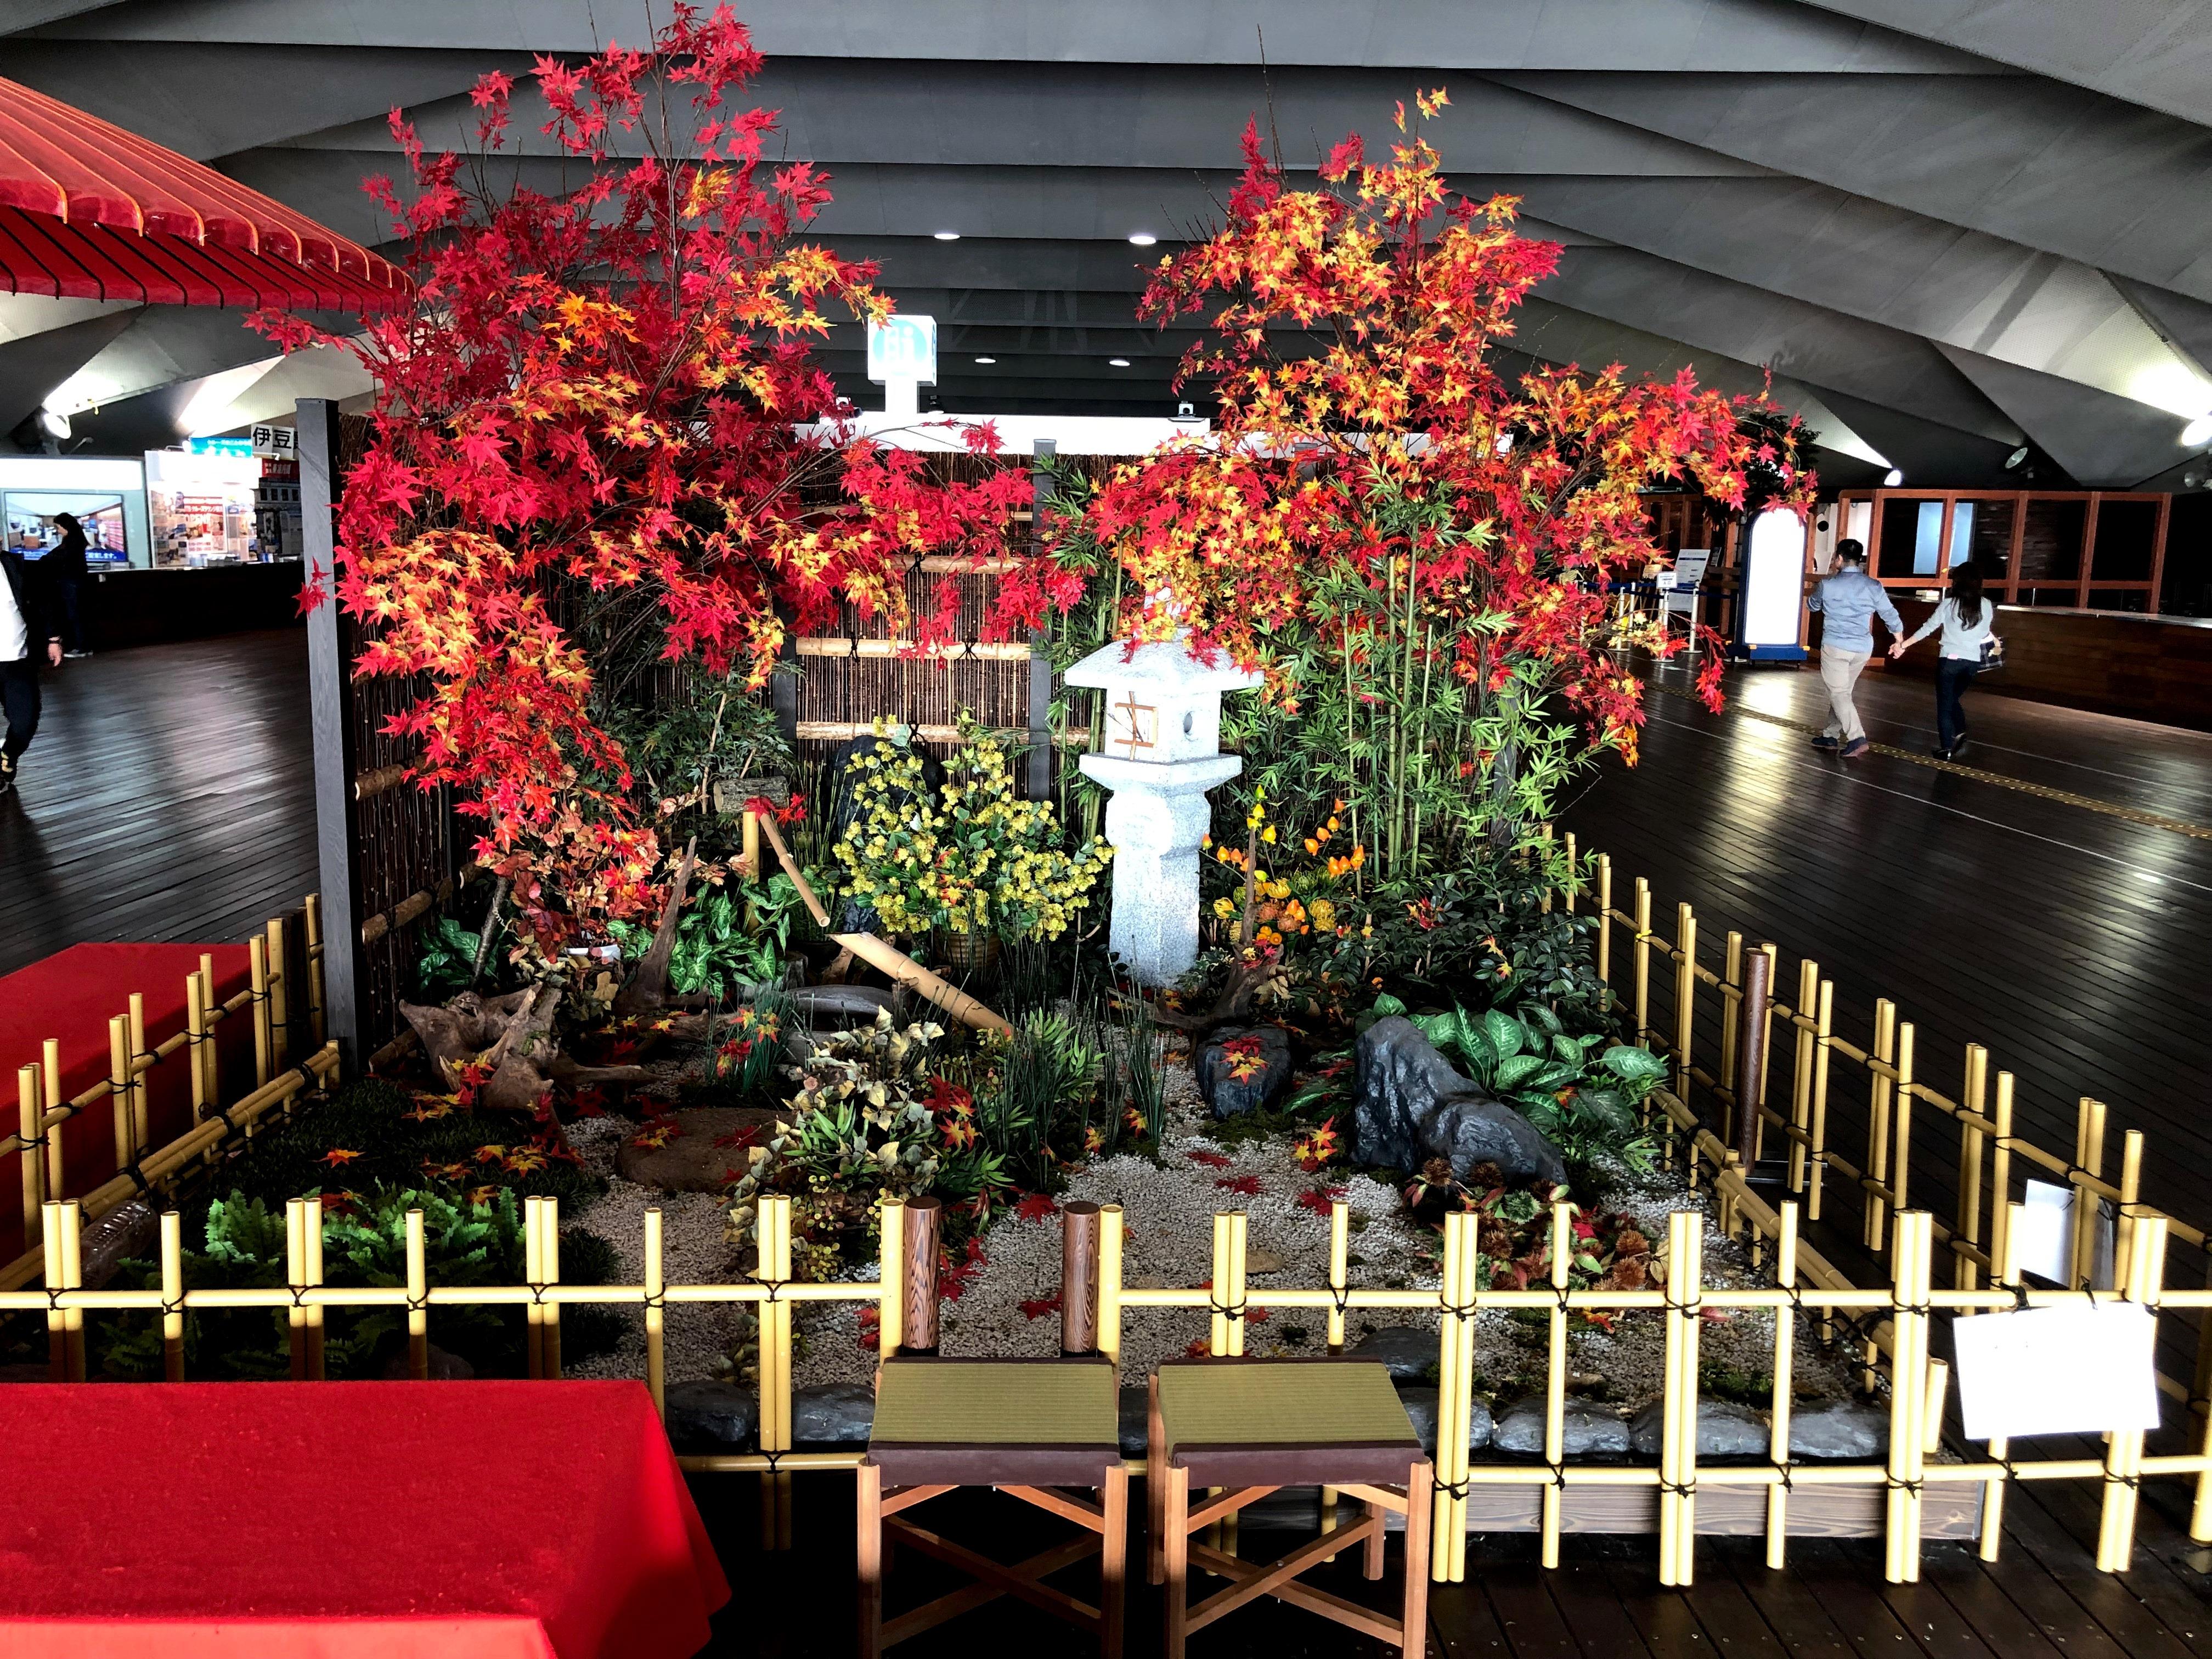 横浜港大さん橋国際客船ターミナルで秋のディスプレイをしました【横浜花屋の花束・スタンド花・胡蝶蘭・バルーン・アレンジメント配達事例479】